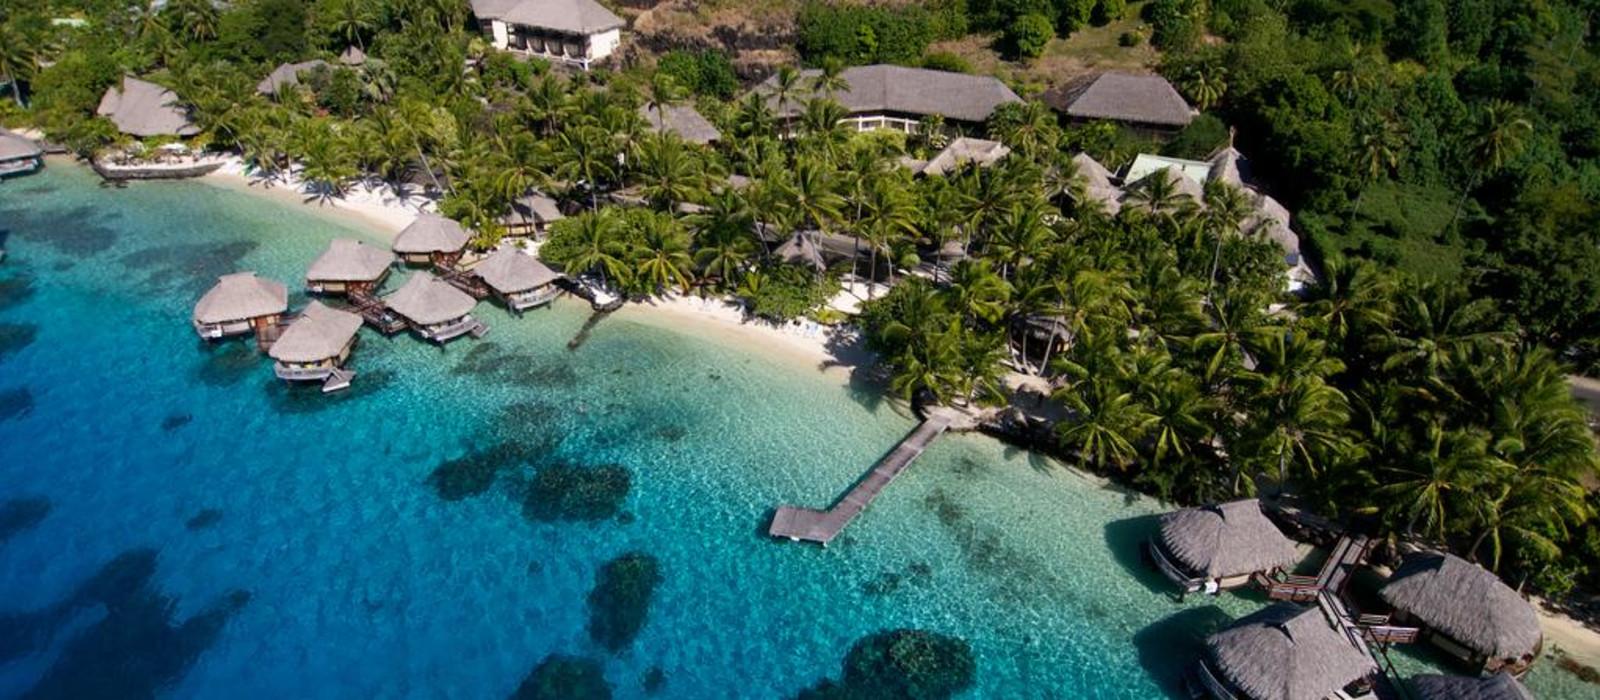 Hotel Le Maitai Polynesia Bora Bora French Polynesia